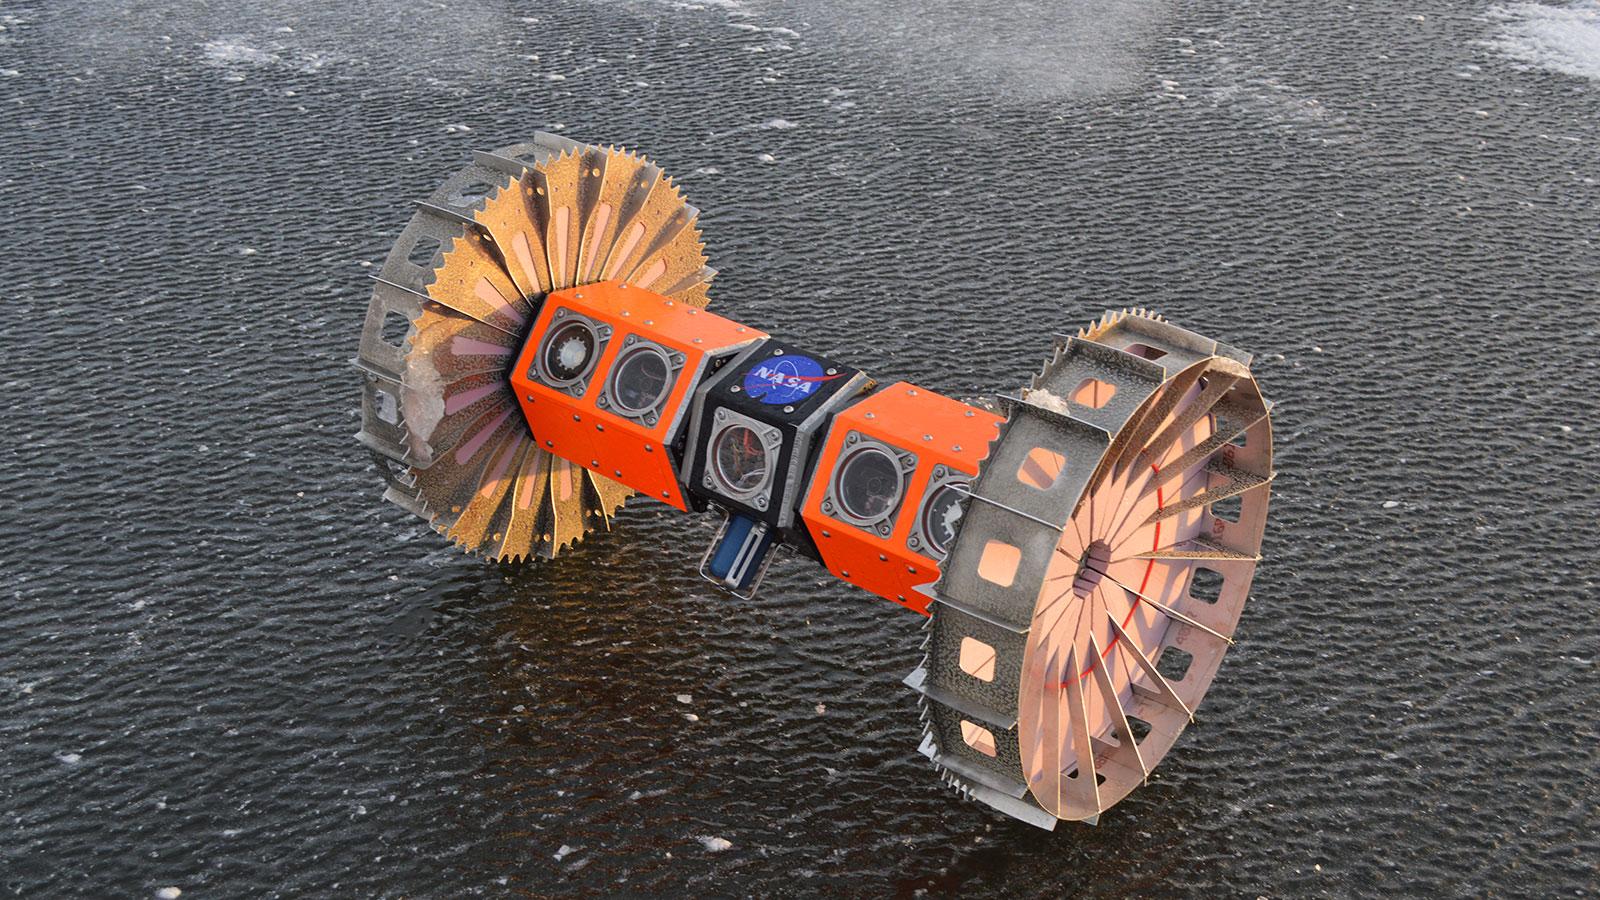 NASA/ BRUIE ROBOT